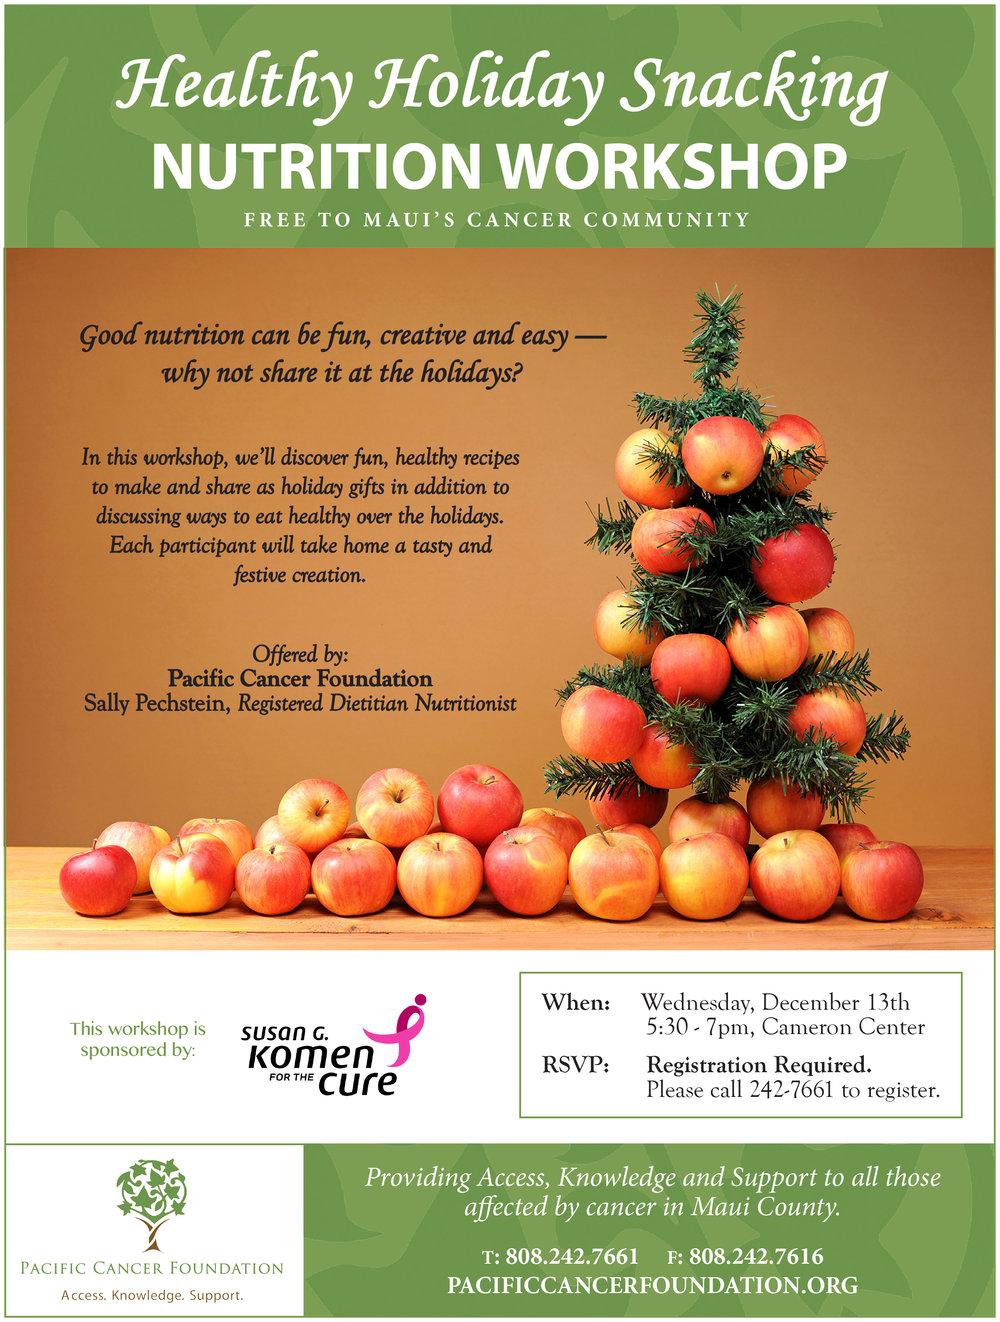 Holiday Nutrition Workshop Flyer.jpg